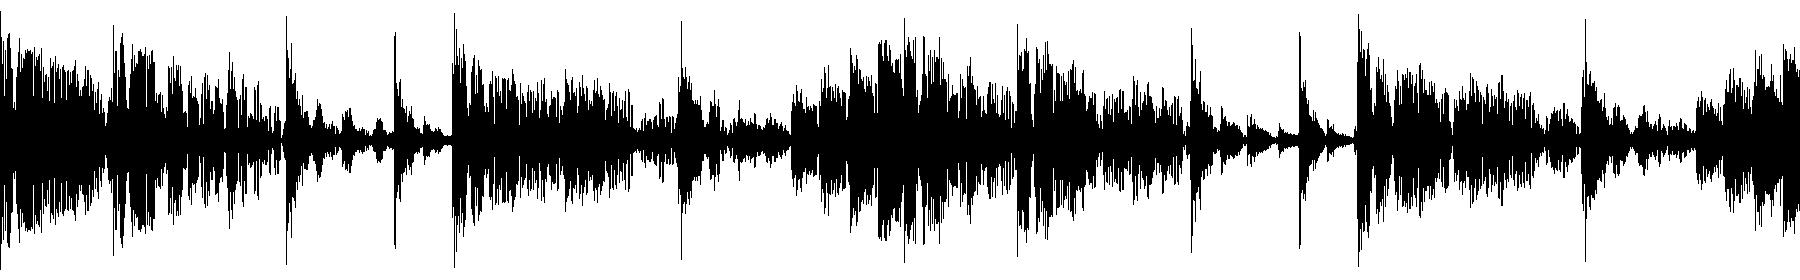 blbc electrodrums fx 75 04